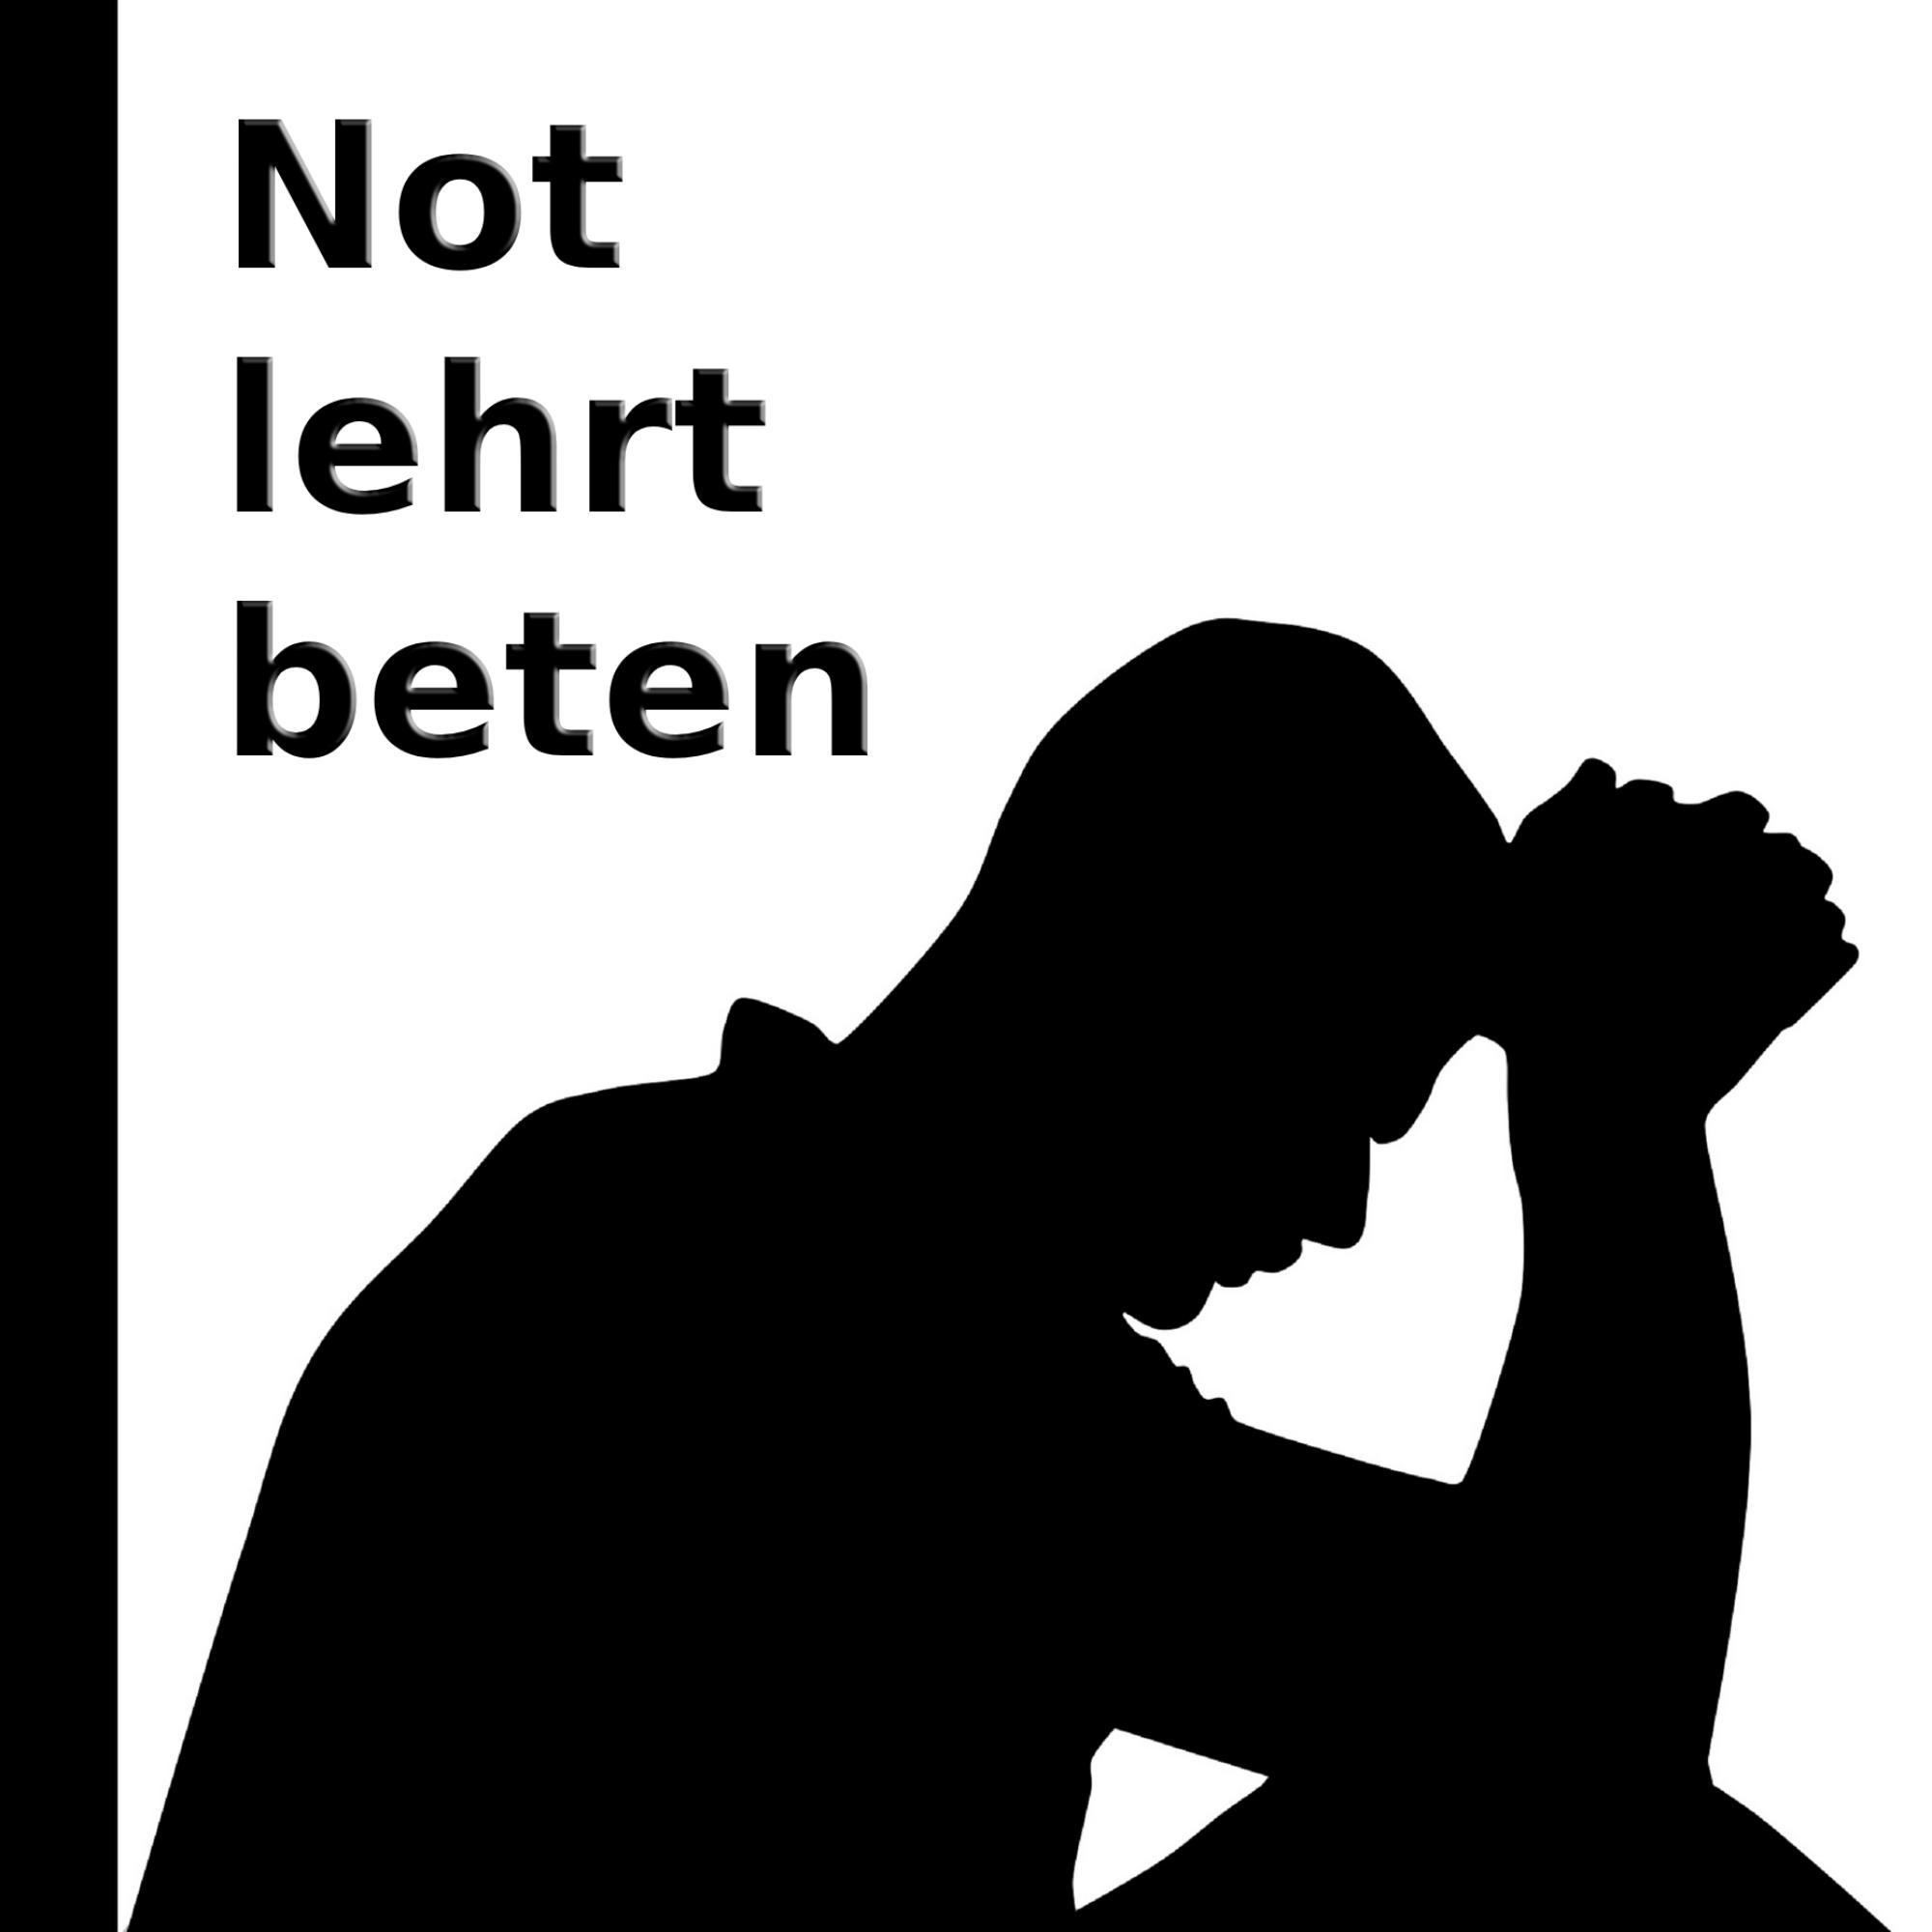 Not lehrt beten